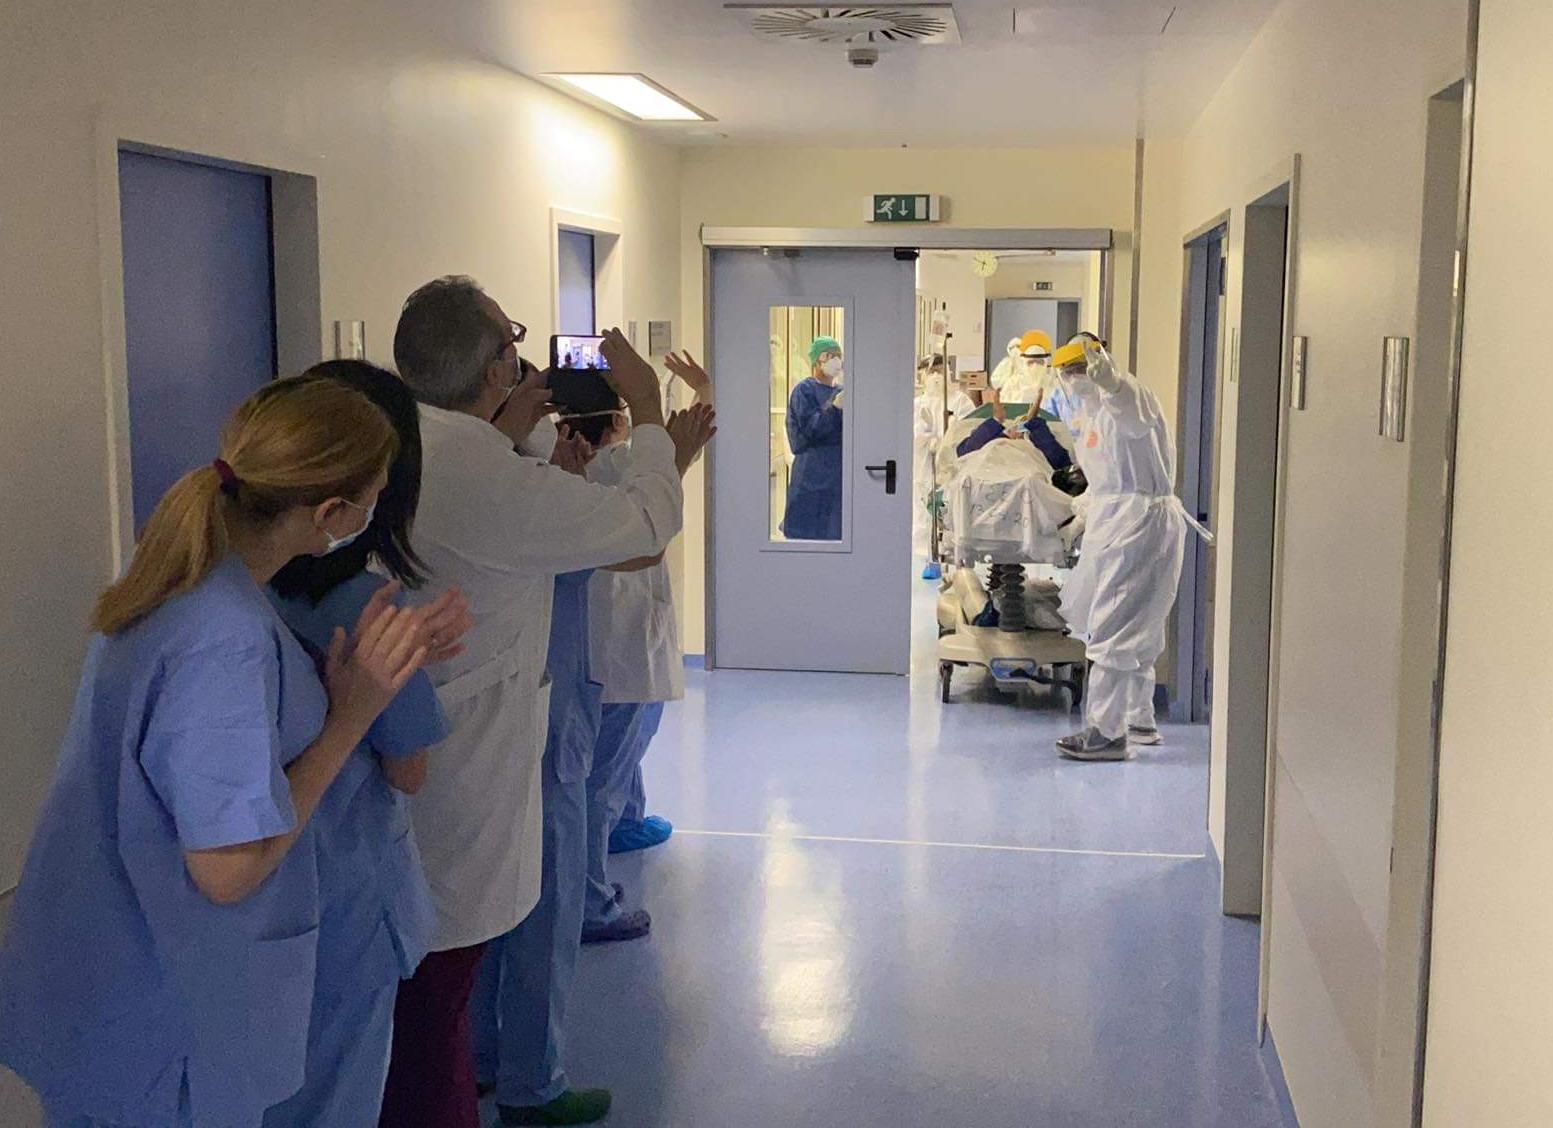 «Γεια σου κύριε Γιώργο!» Ασθενής με κορονοϊό βγαίνει από την ΜΕΘ στο Θριάσιο και όλοι ξεσπούν σε χειροκροτήματα! (vid)